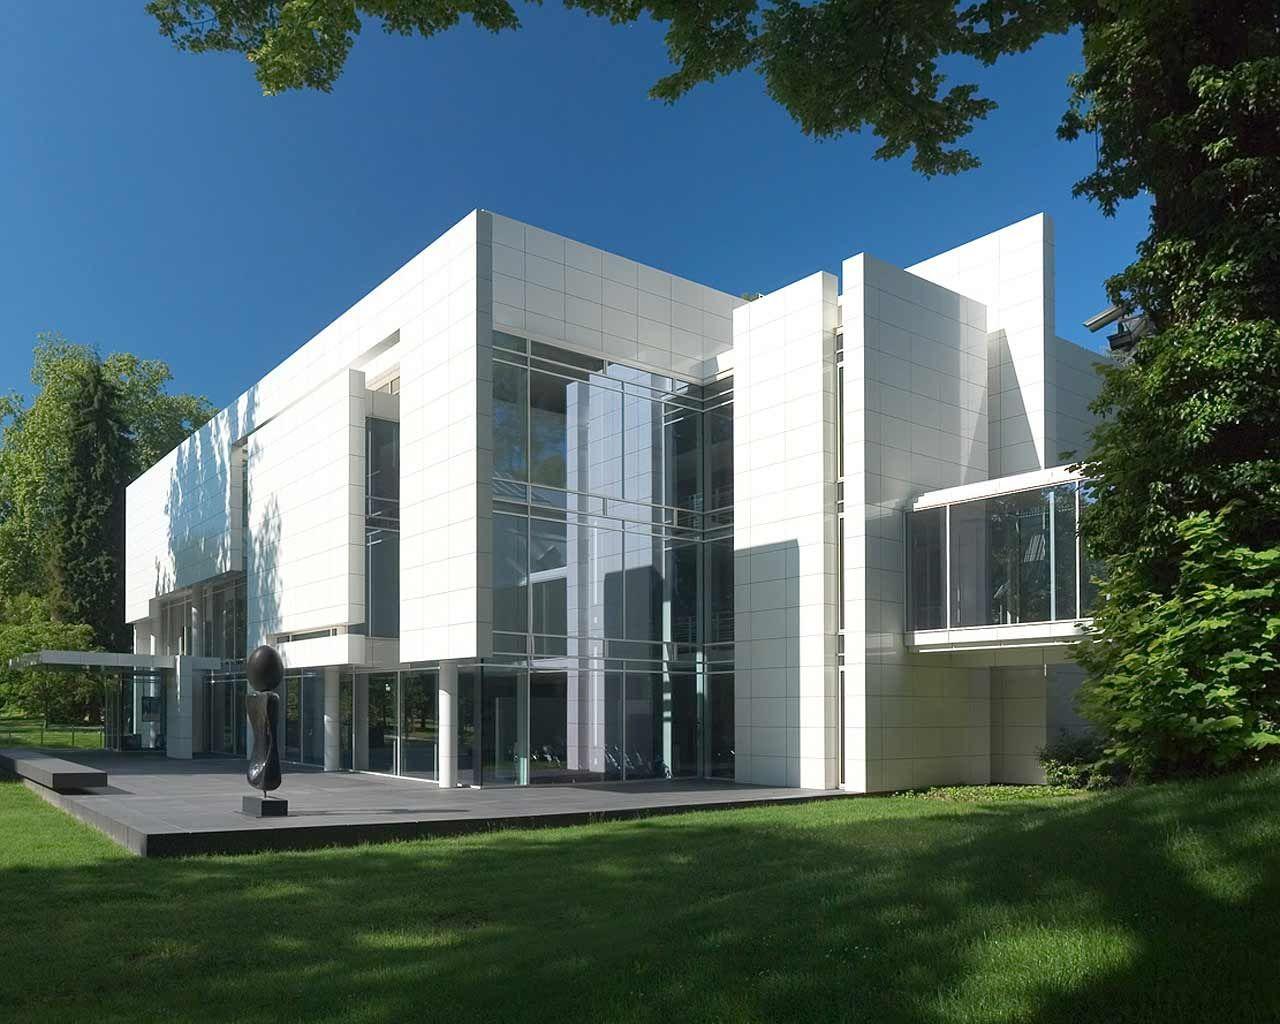 Museum frieder burda baden baden germany richard meier for Richard meier architetto